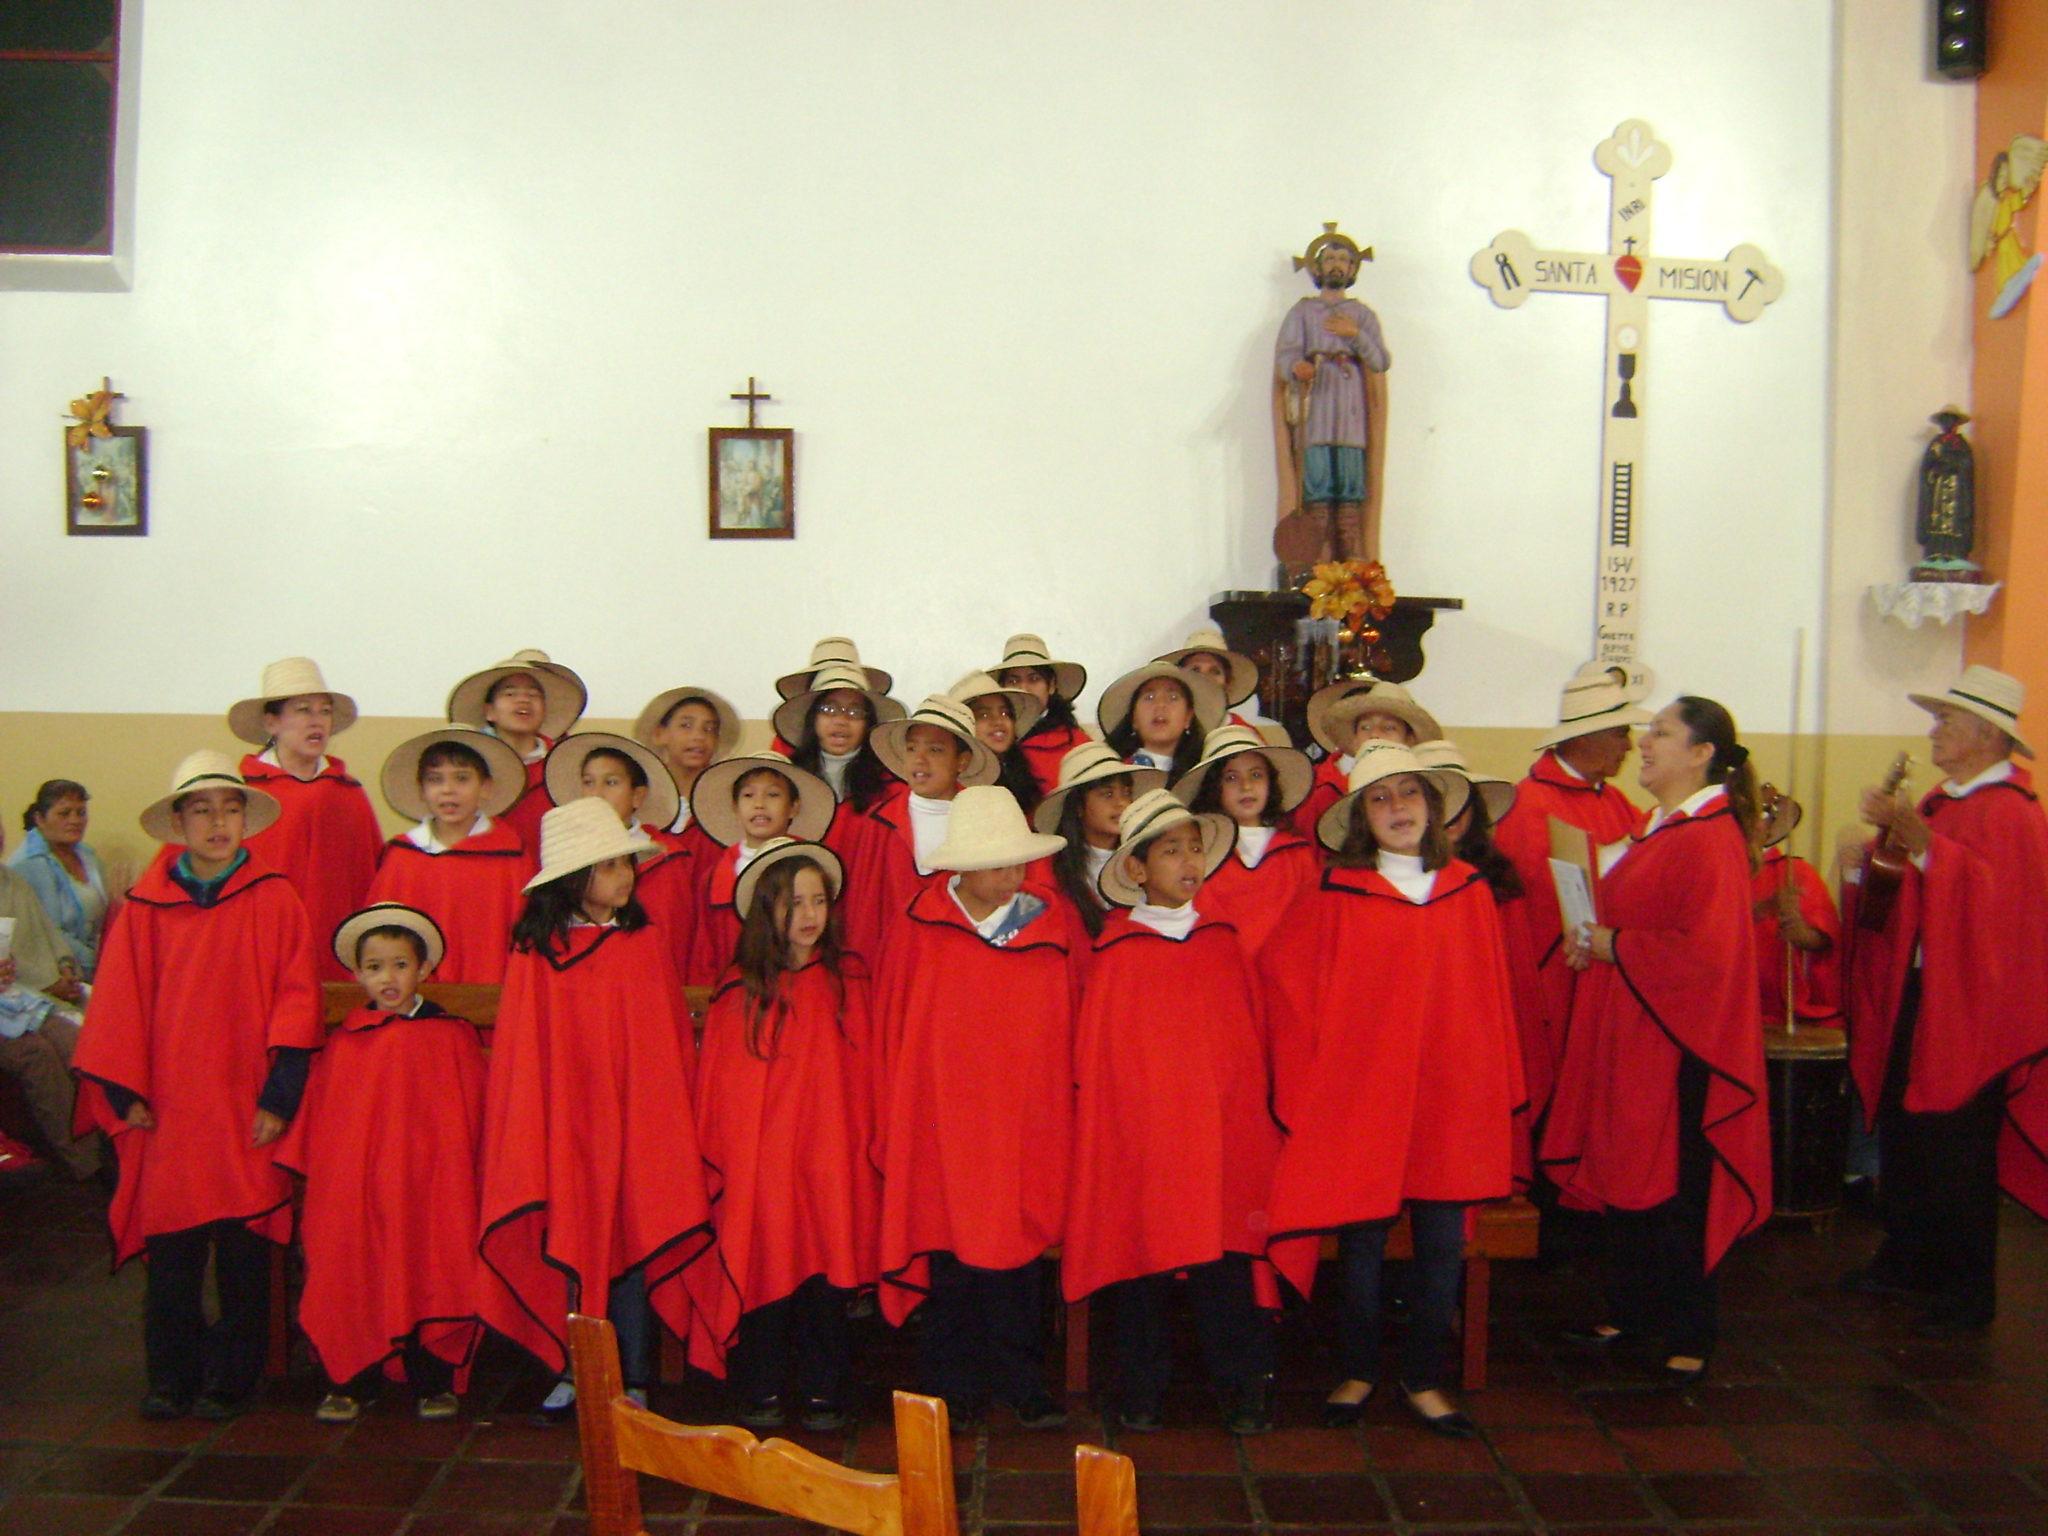 El aguinaldo es música tradicional navideña exclusiva de Venezuela